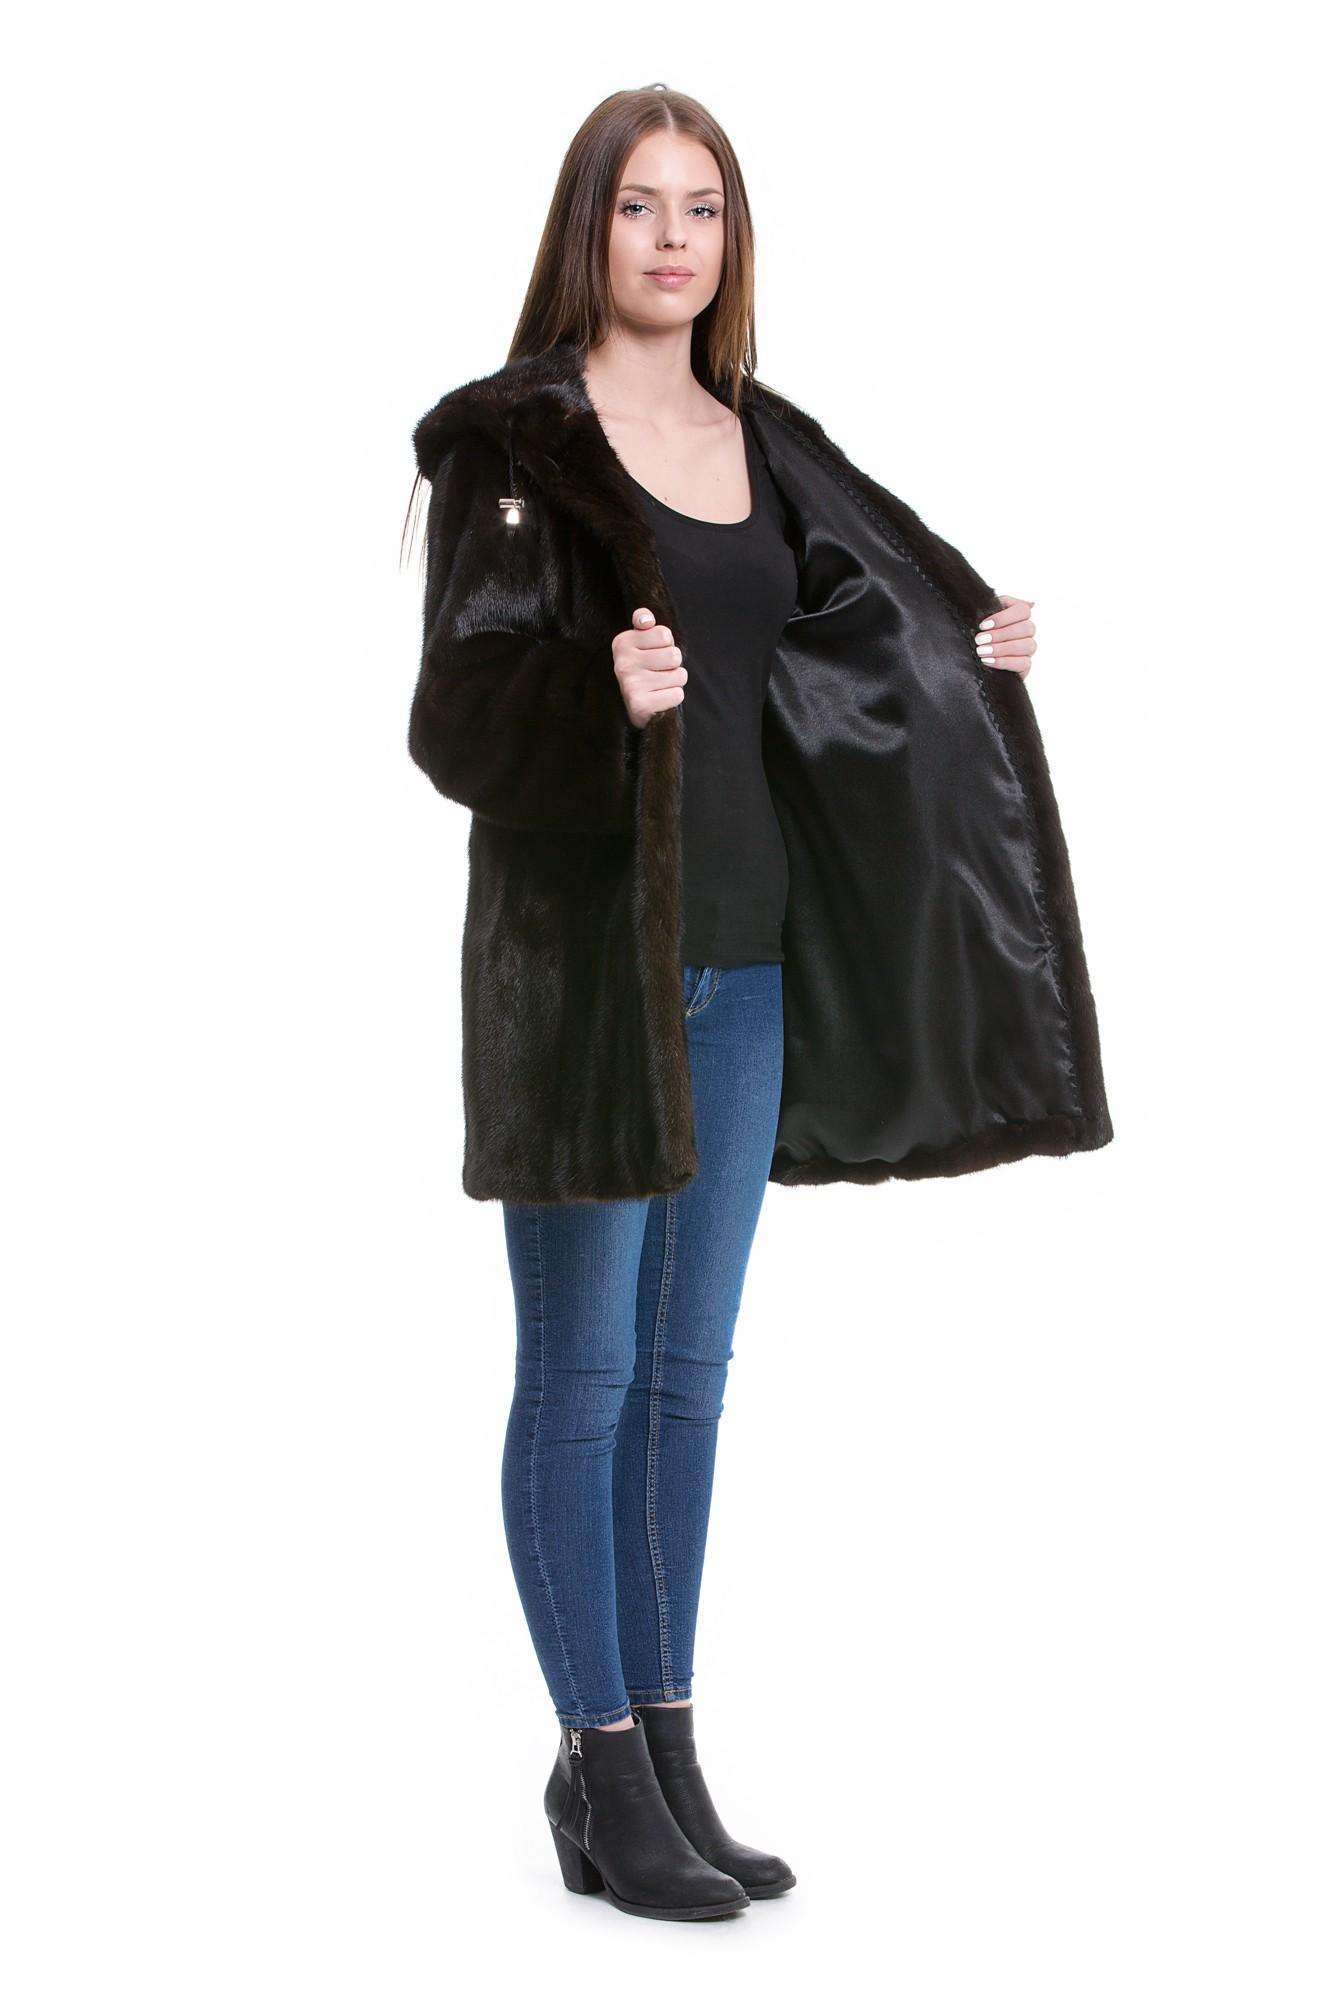 Nerz Mantel umarbeiten in eine Nerz Jacke mit Fellkapuze kaufen im ... d77b334cf9